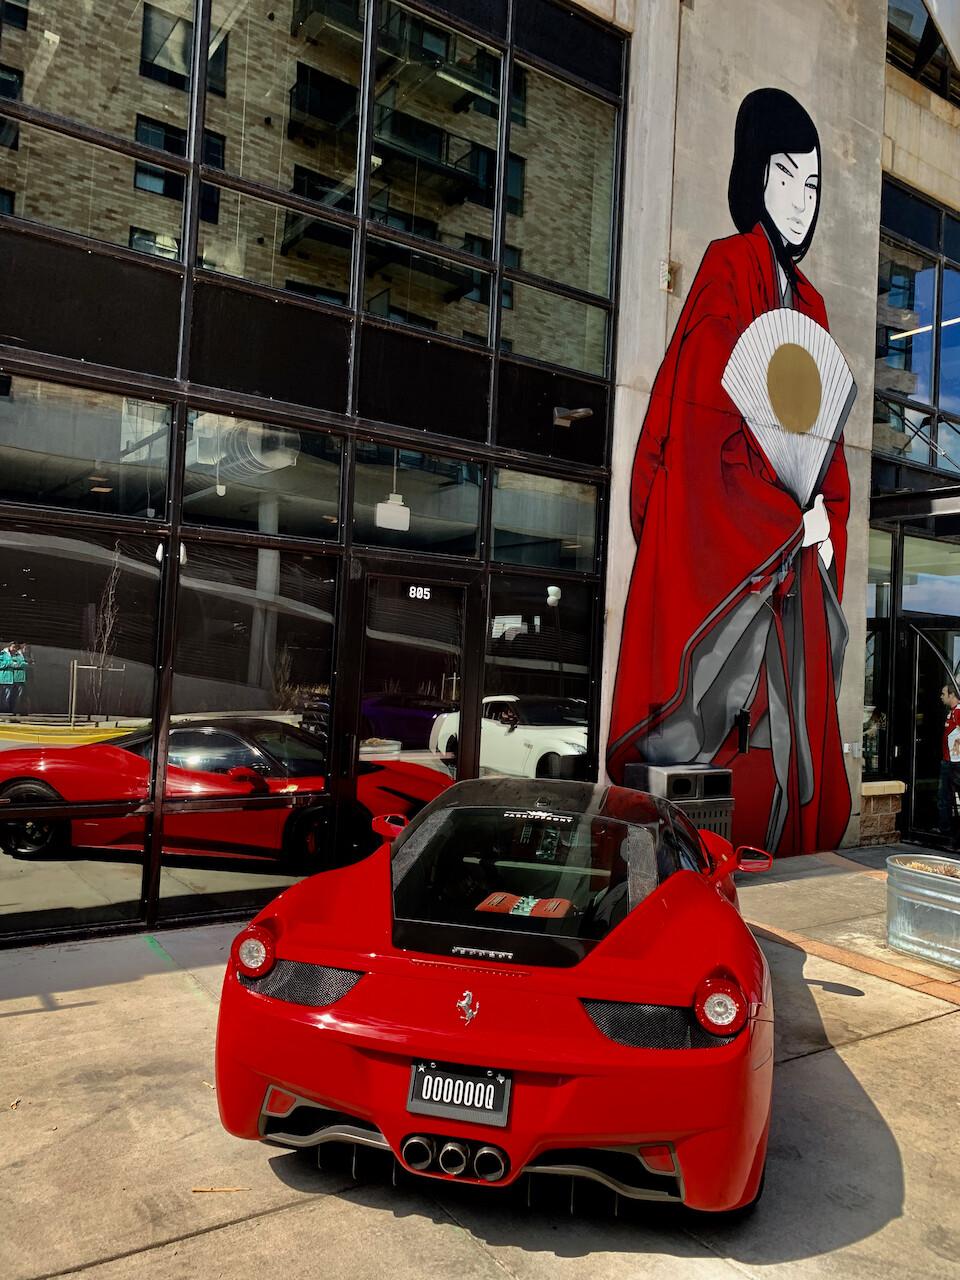 2010 Ferrari  458 Italia image IMG_E7061.jpeg